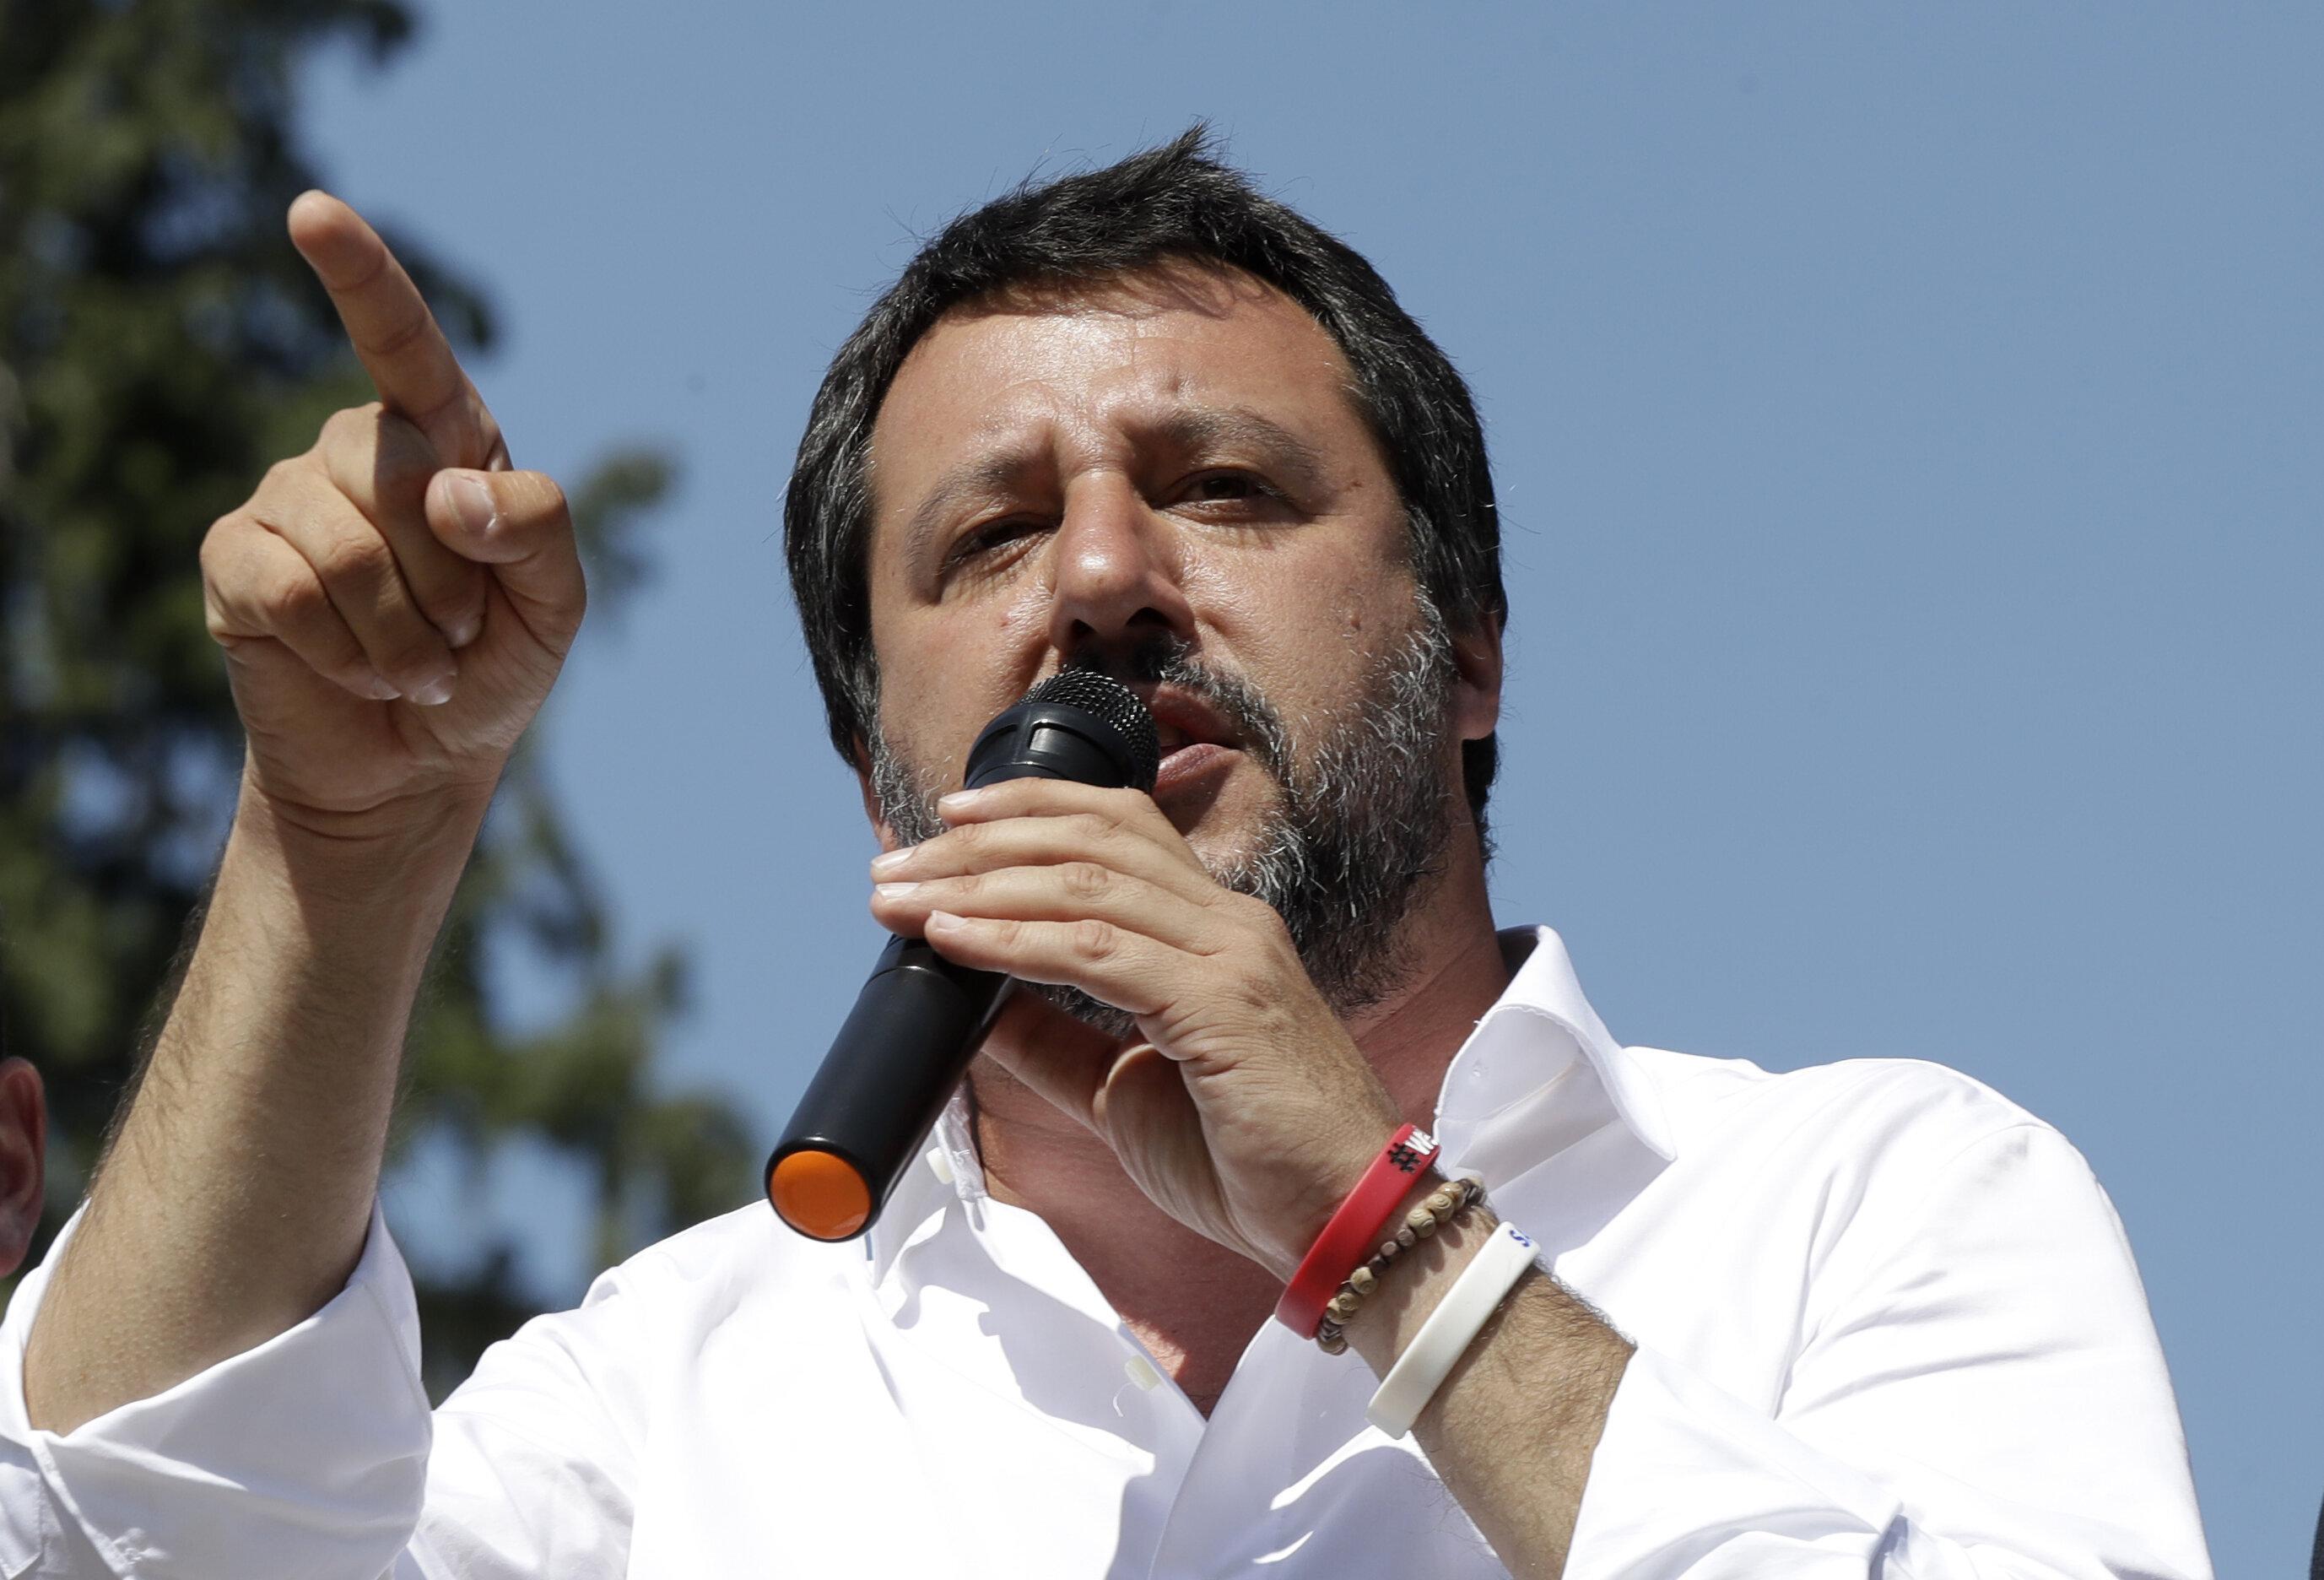 Matteo Salvini se ne frega: dal giubbotto Pivert alla difesa di Altaforte, continua a lisciare il pelo...